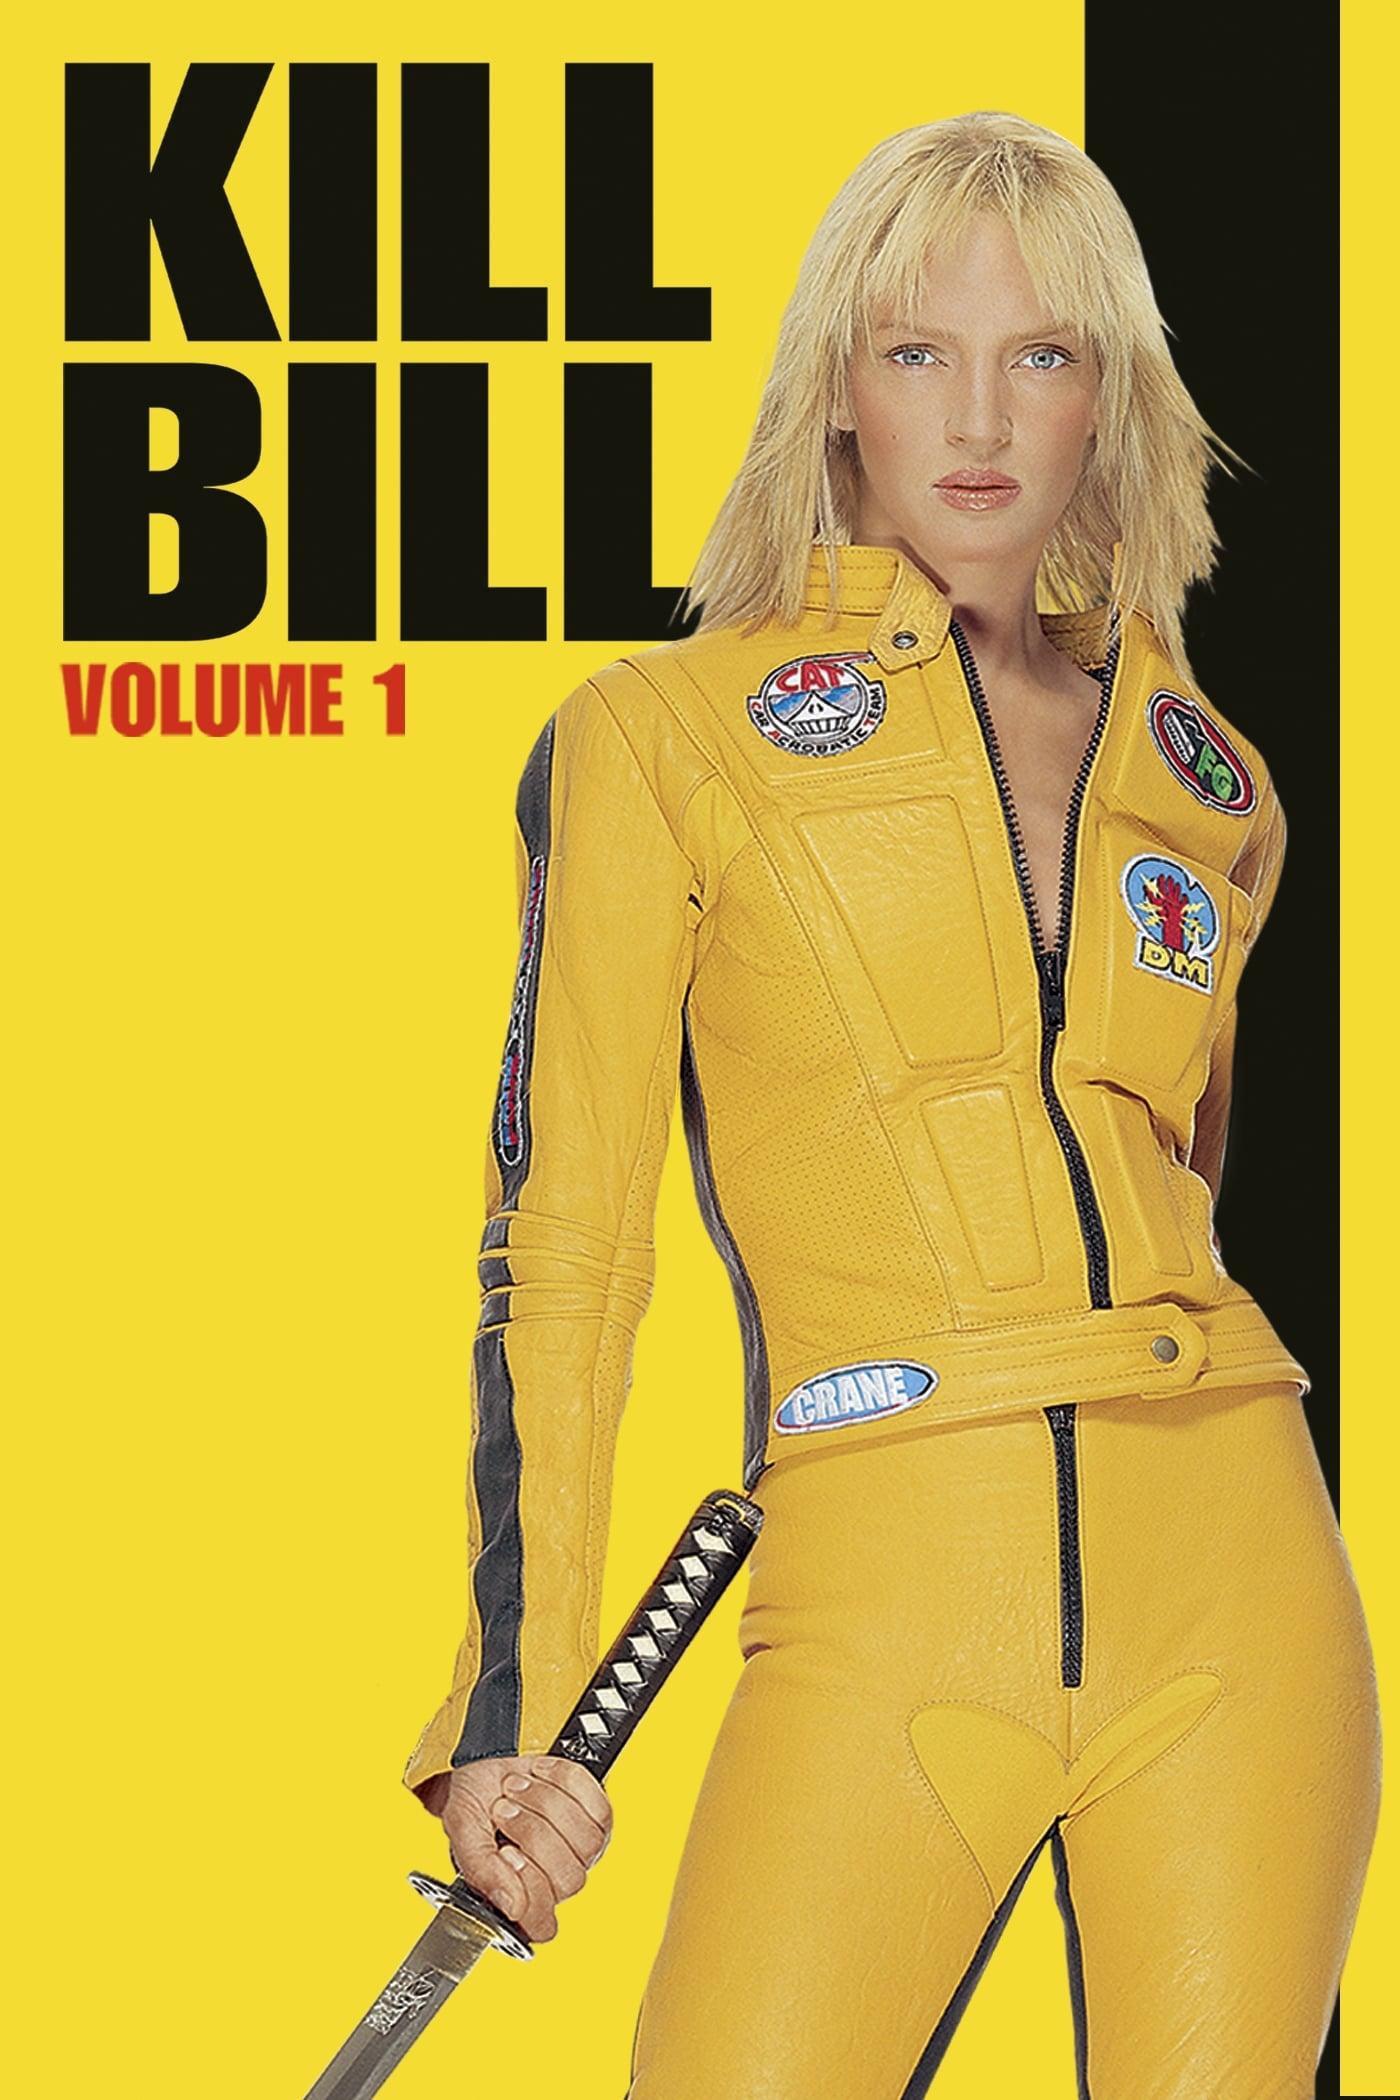 kill bill vol 1 2003 watch free primewire movies